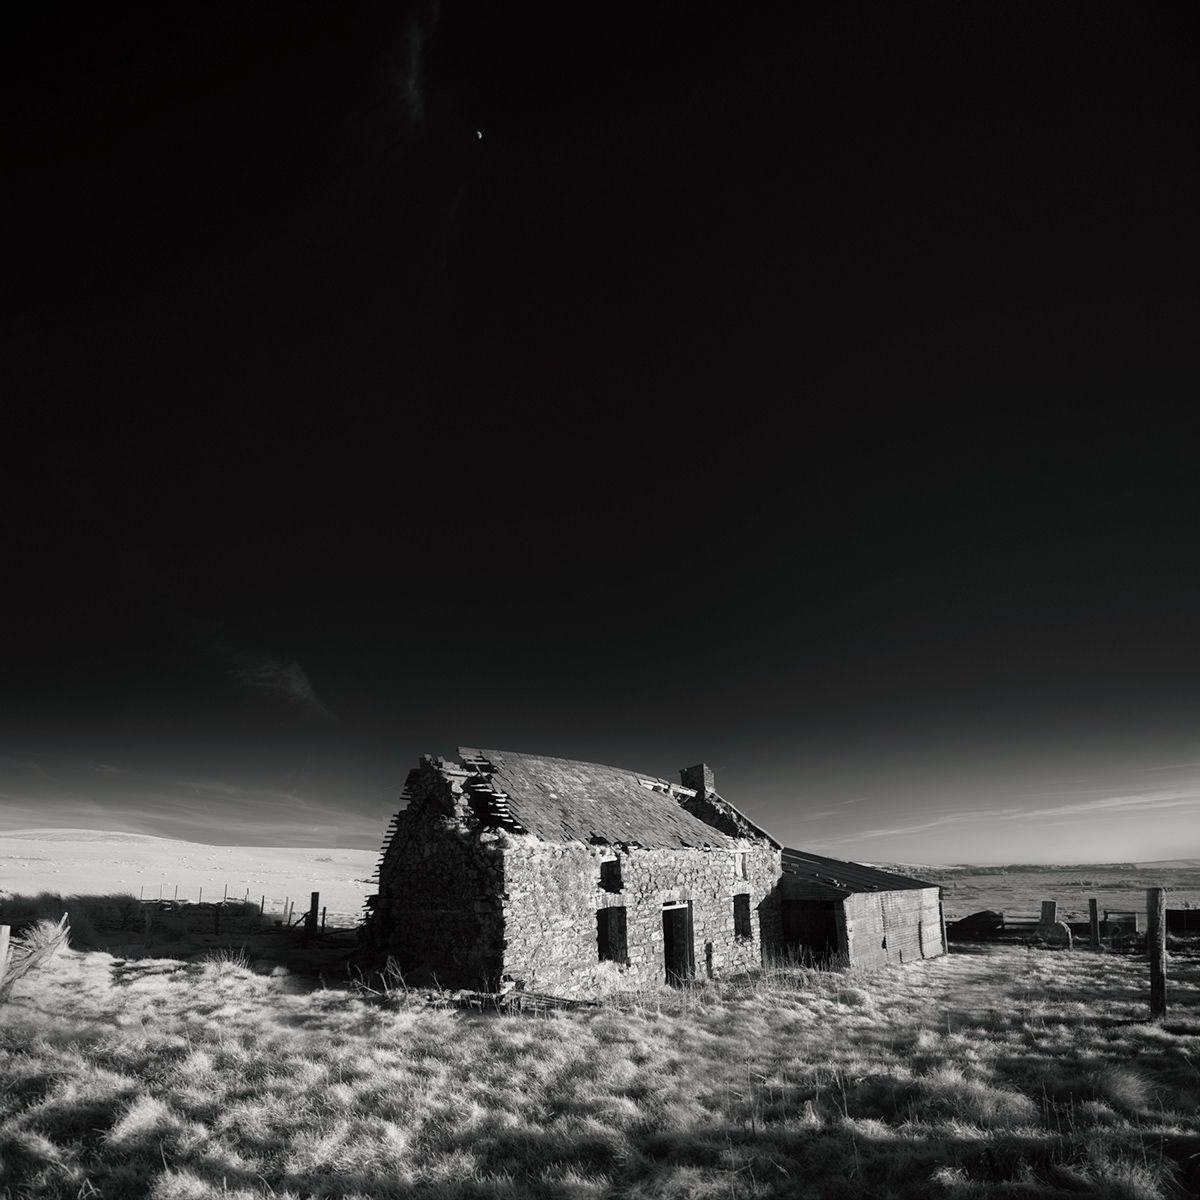 Dark Landscape, Abandoned